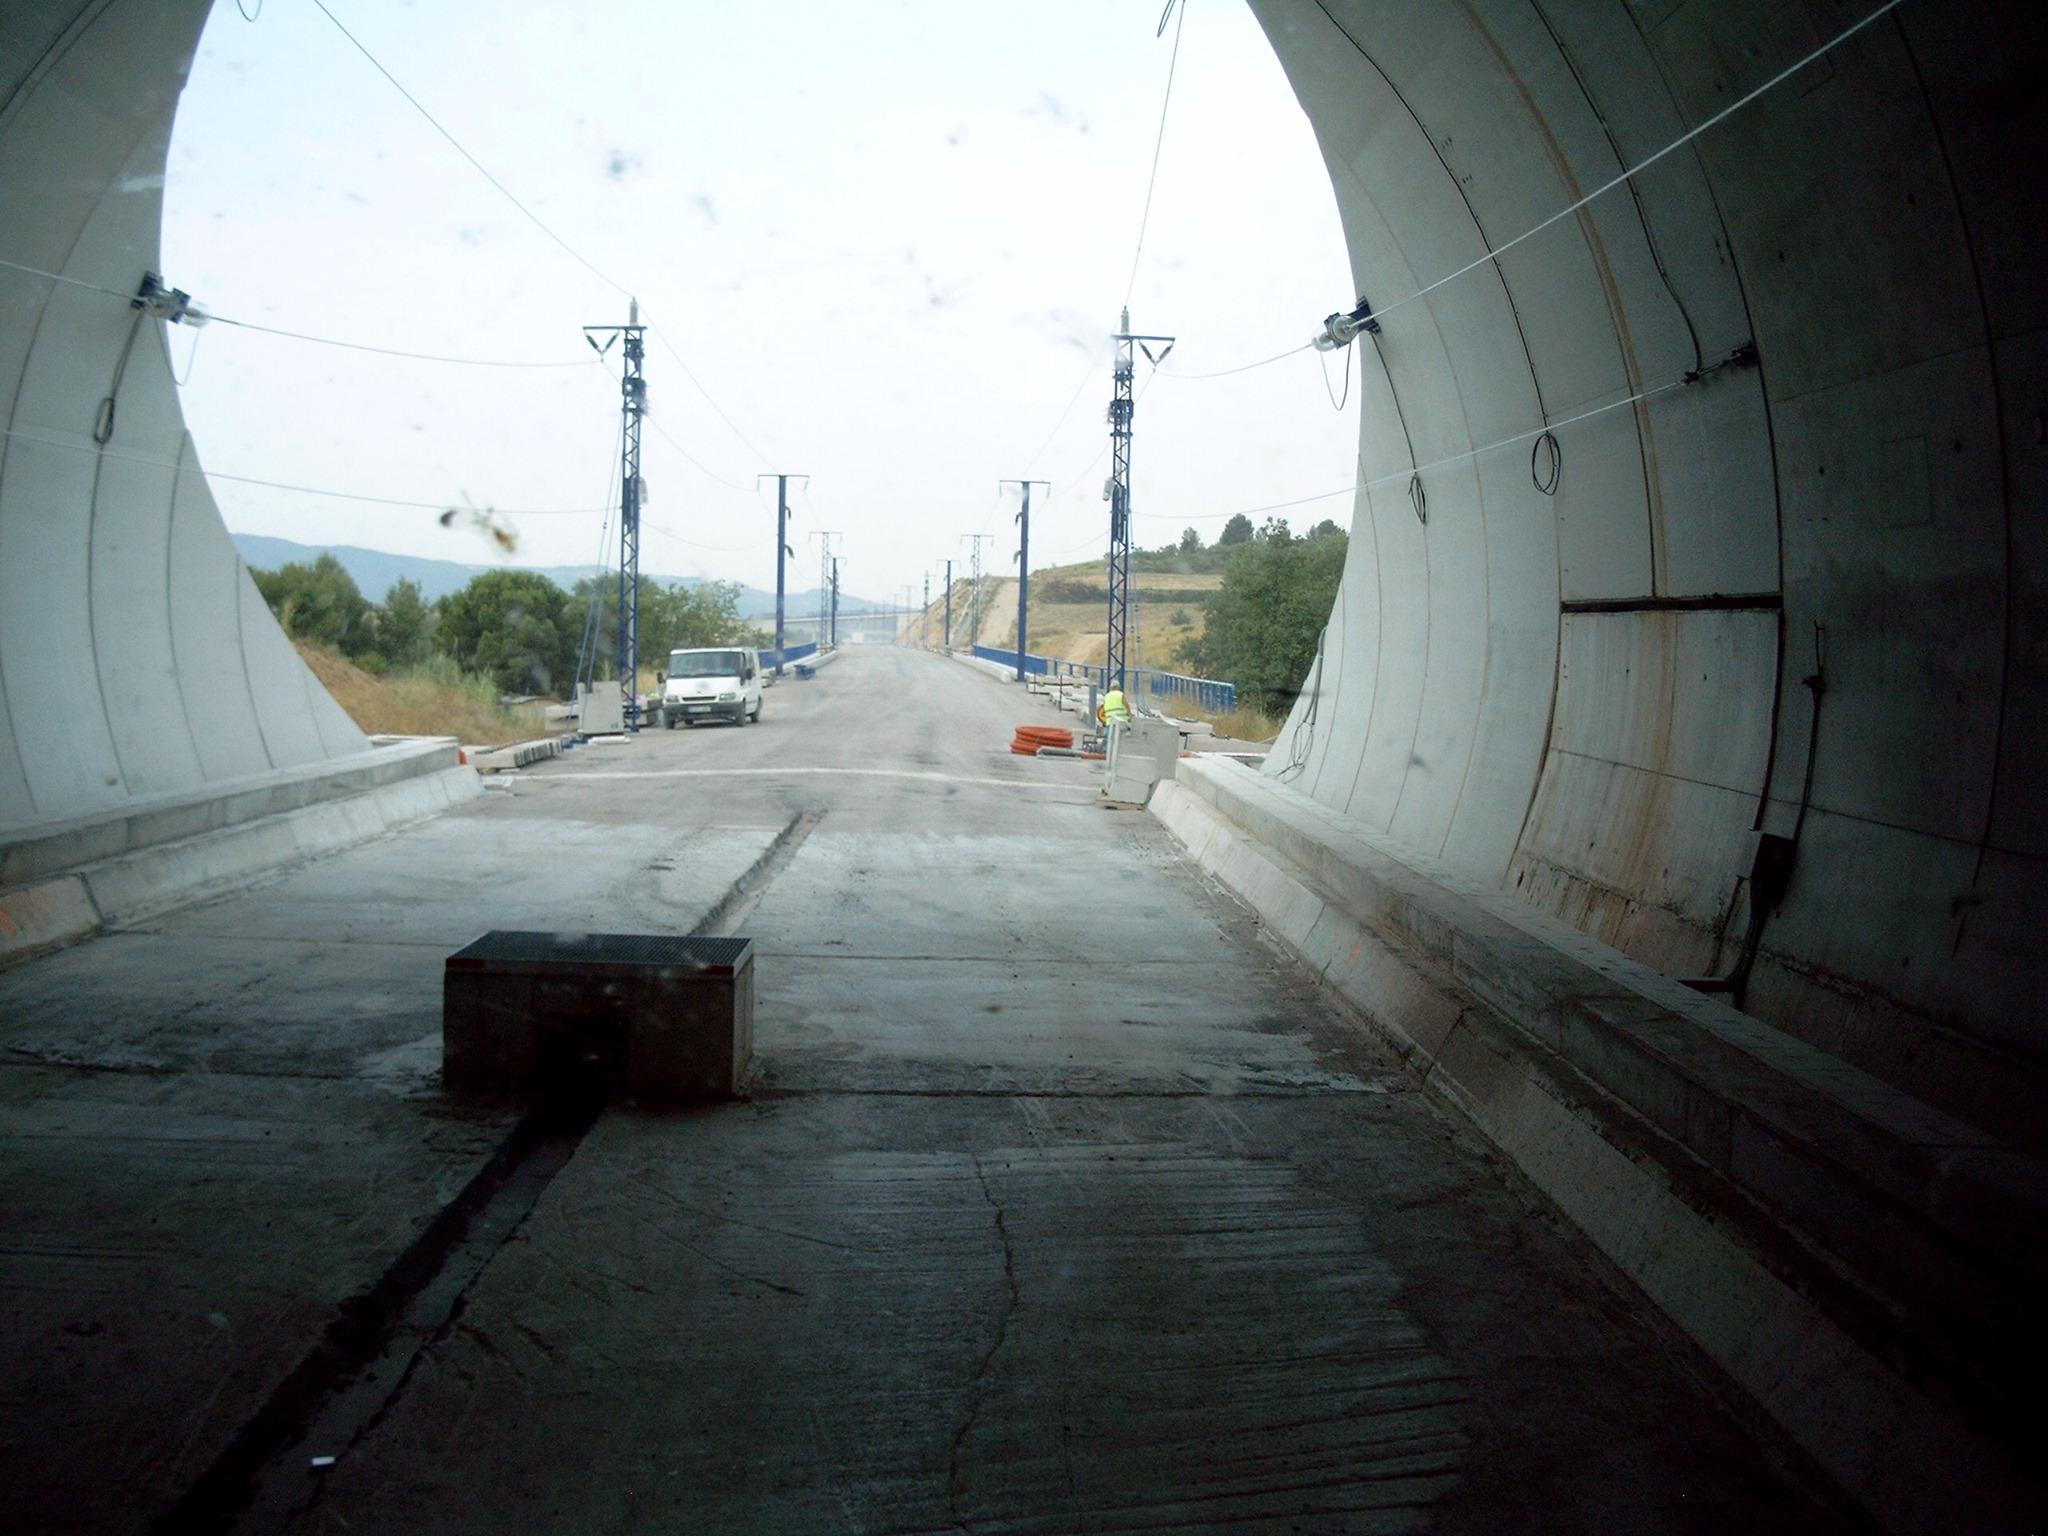 Zufahrt-zum-Tunnelneubau--Anliefern-von-Eisenbahnschwellen-(13)